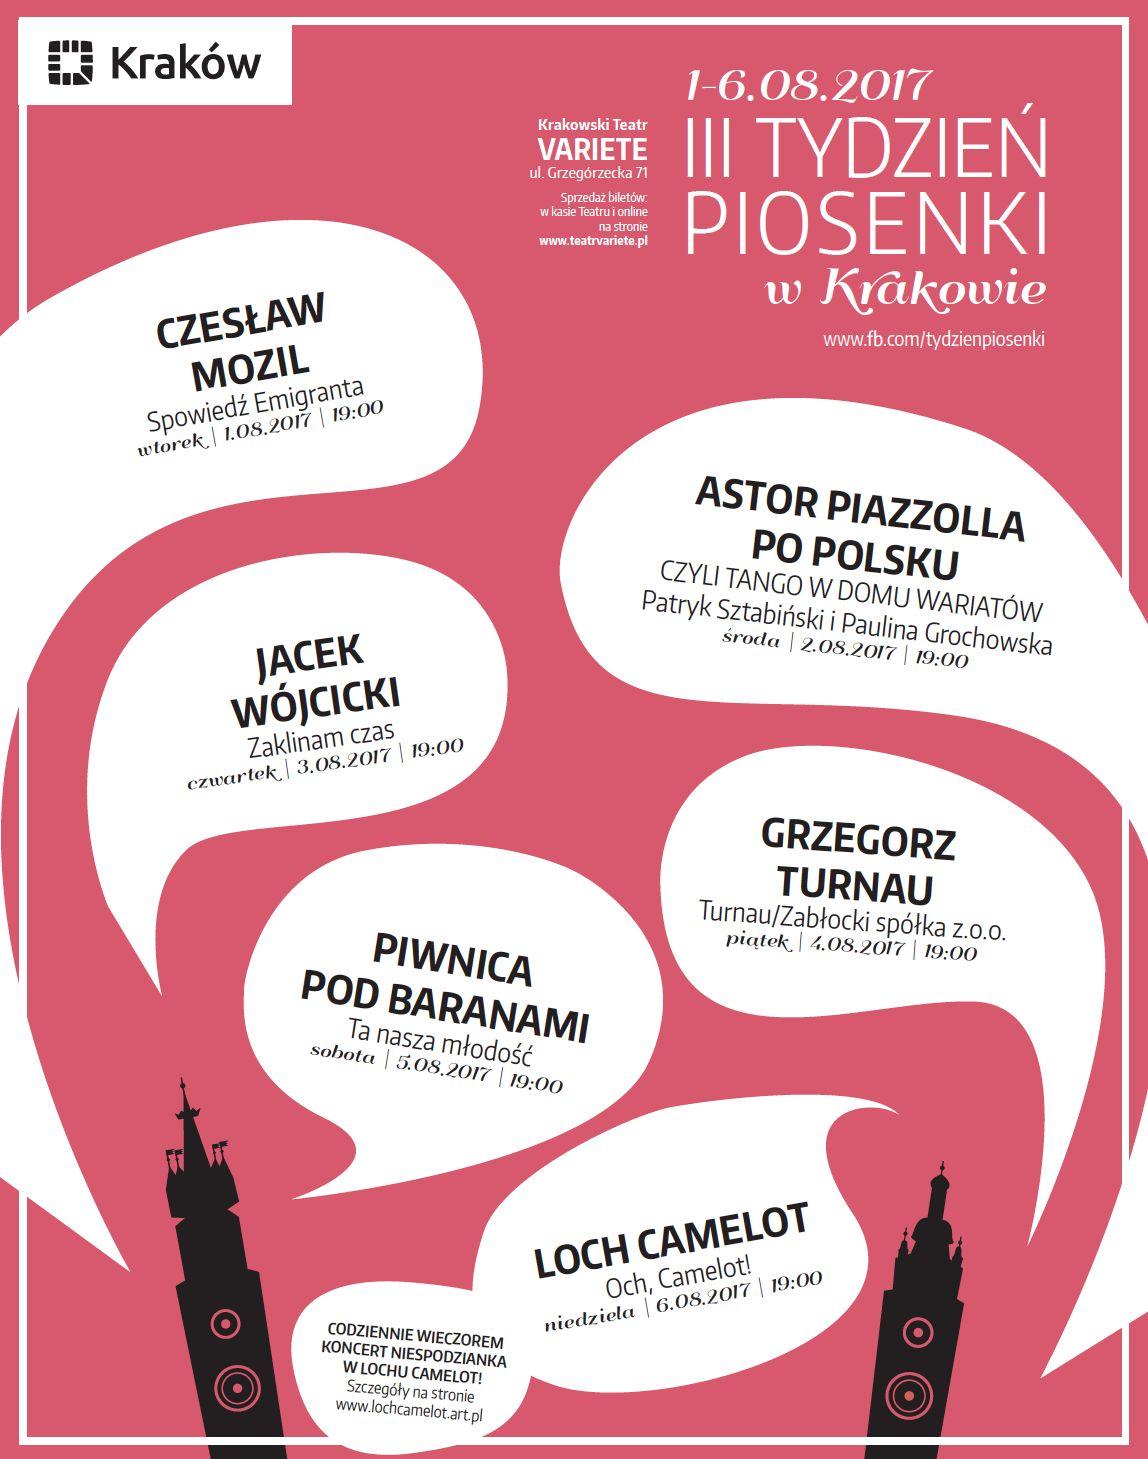 III Tydzień Piosenki w Krakowie (źródło: materiały prasowe)